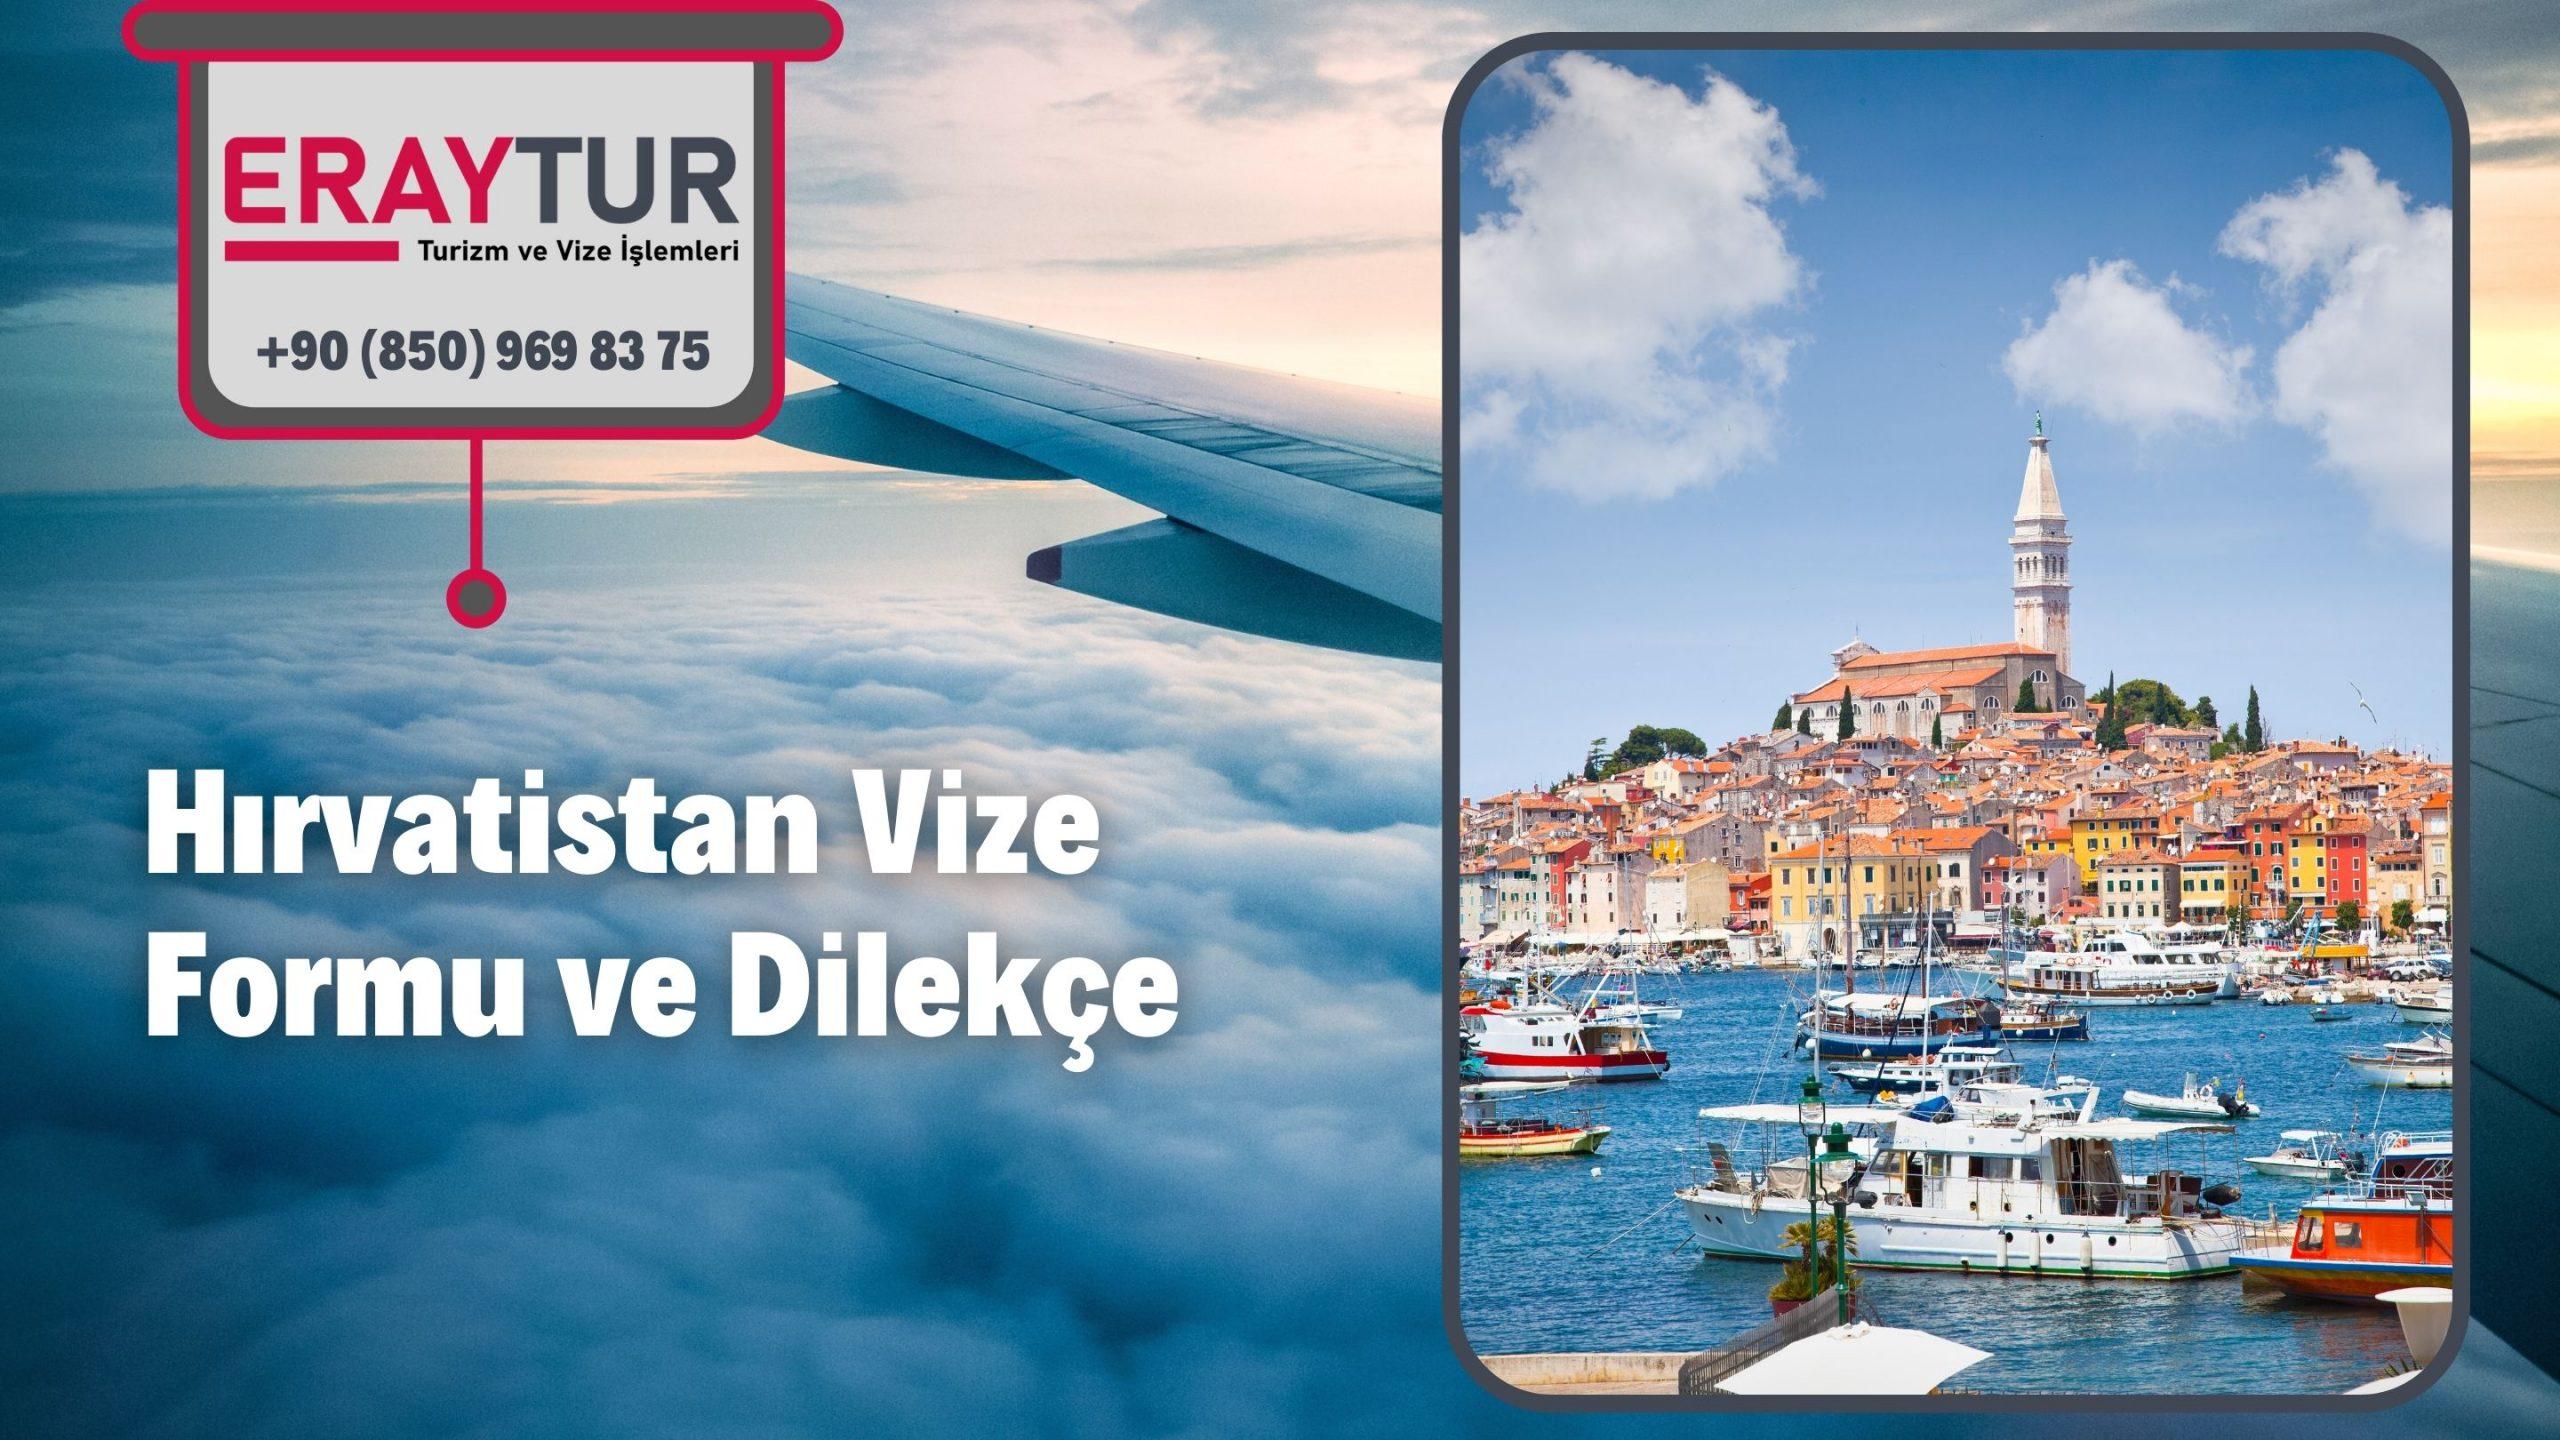 Hırvatistan Vize Formu ve Dilekçe 1 – hirvatistan vize formu ve dilekce 1 scaled